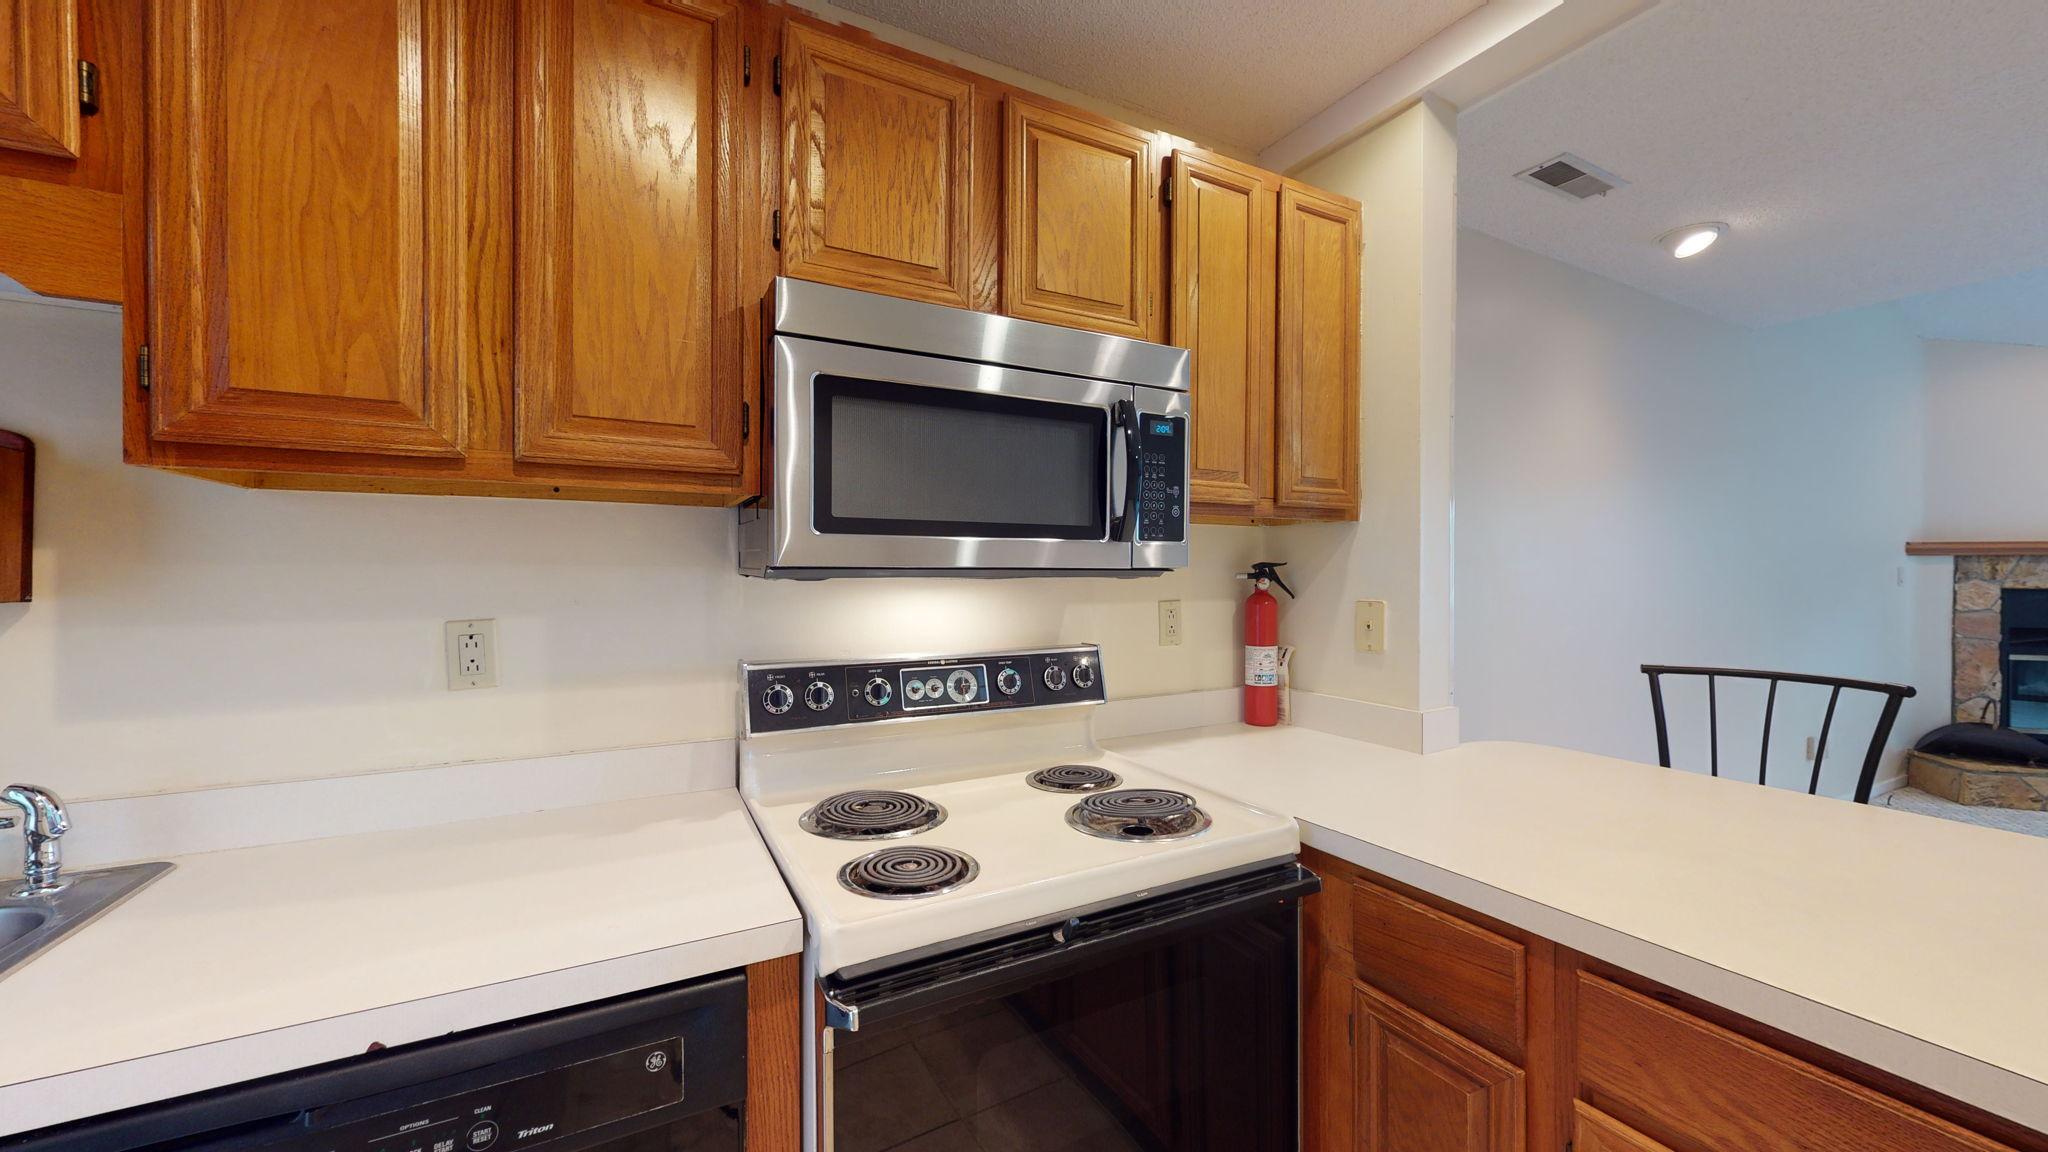 7501 Windward Dr, New Bern, NC 28560, USA Photo 18